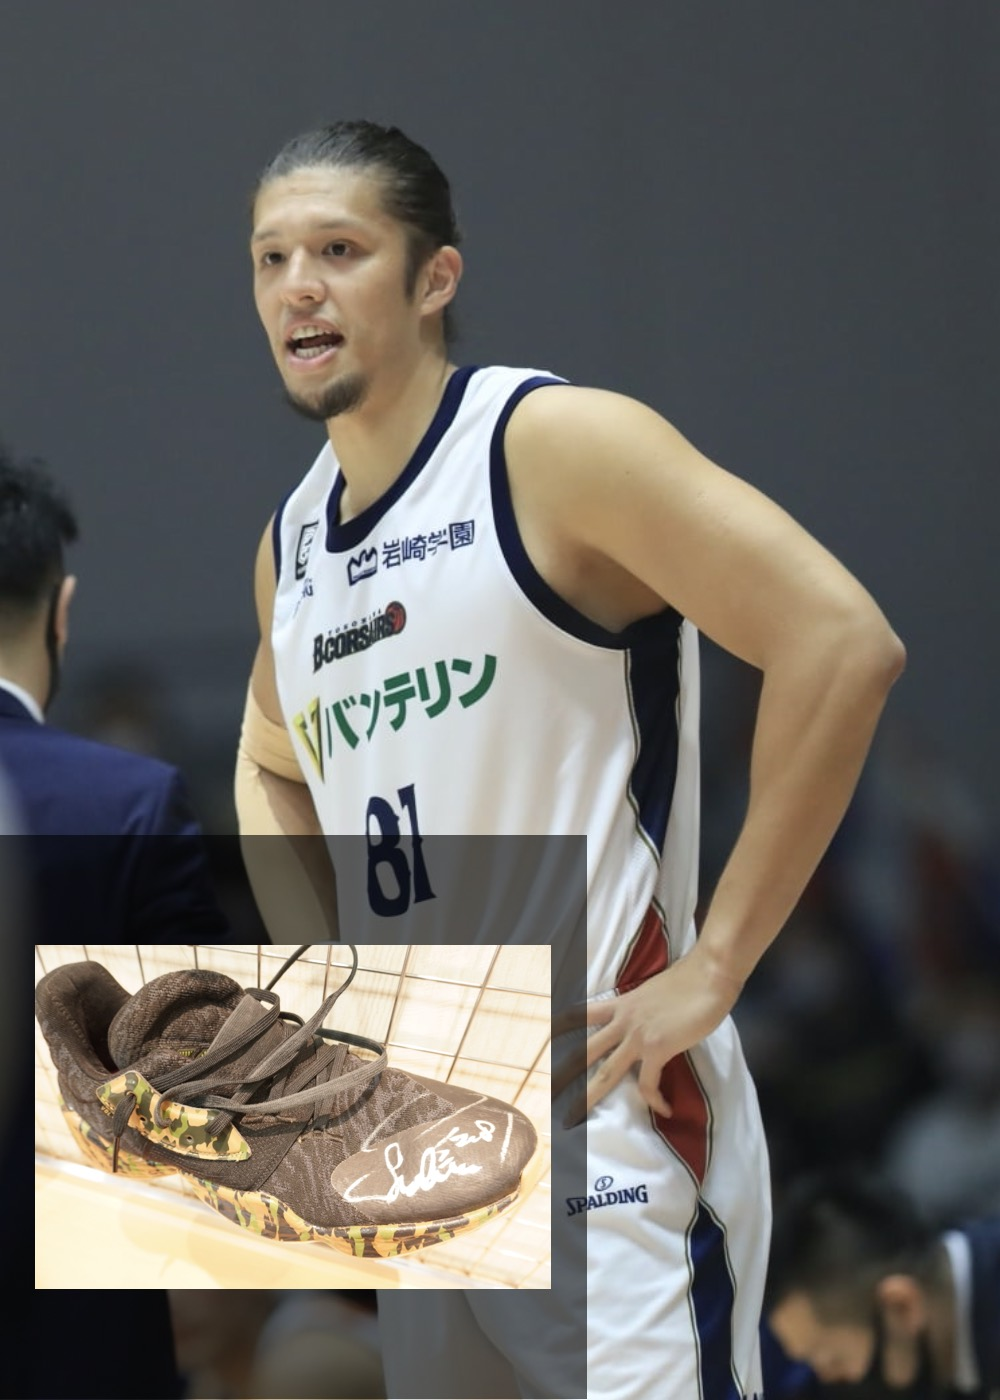 【公式】実使用・本人直筆サイン入り「バスケットボールシューズ②」#81 小原 翼